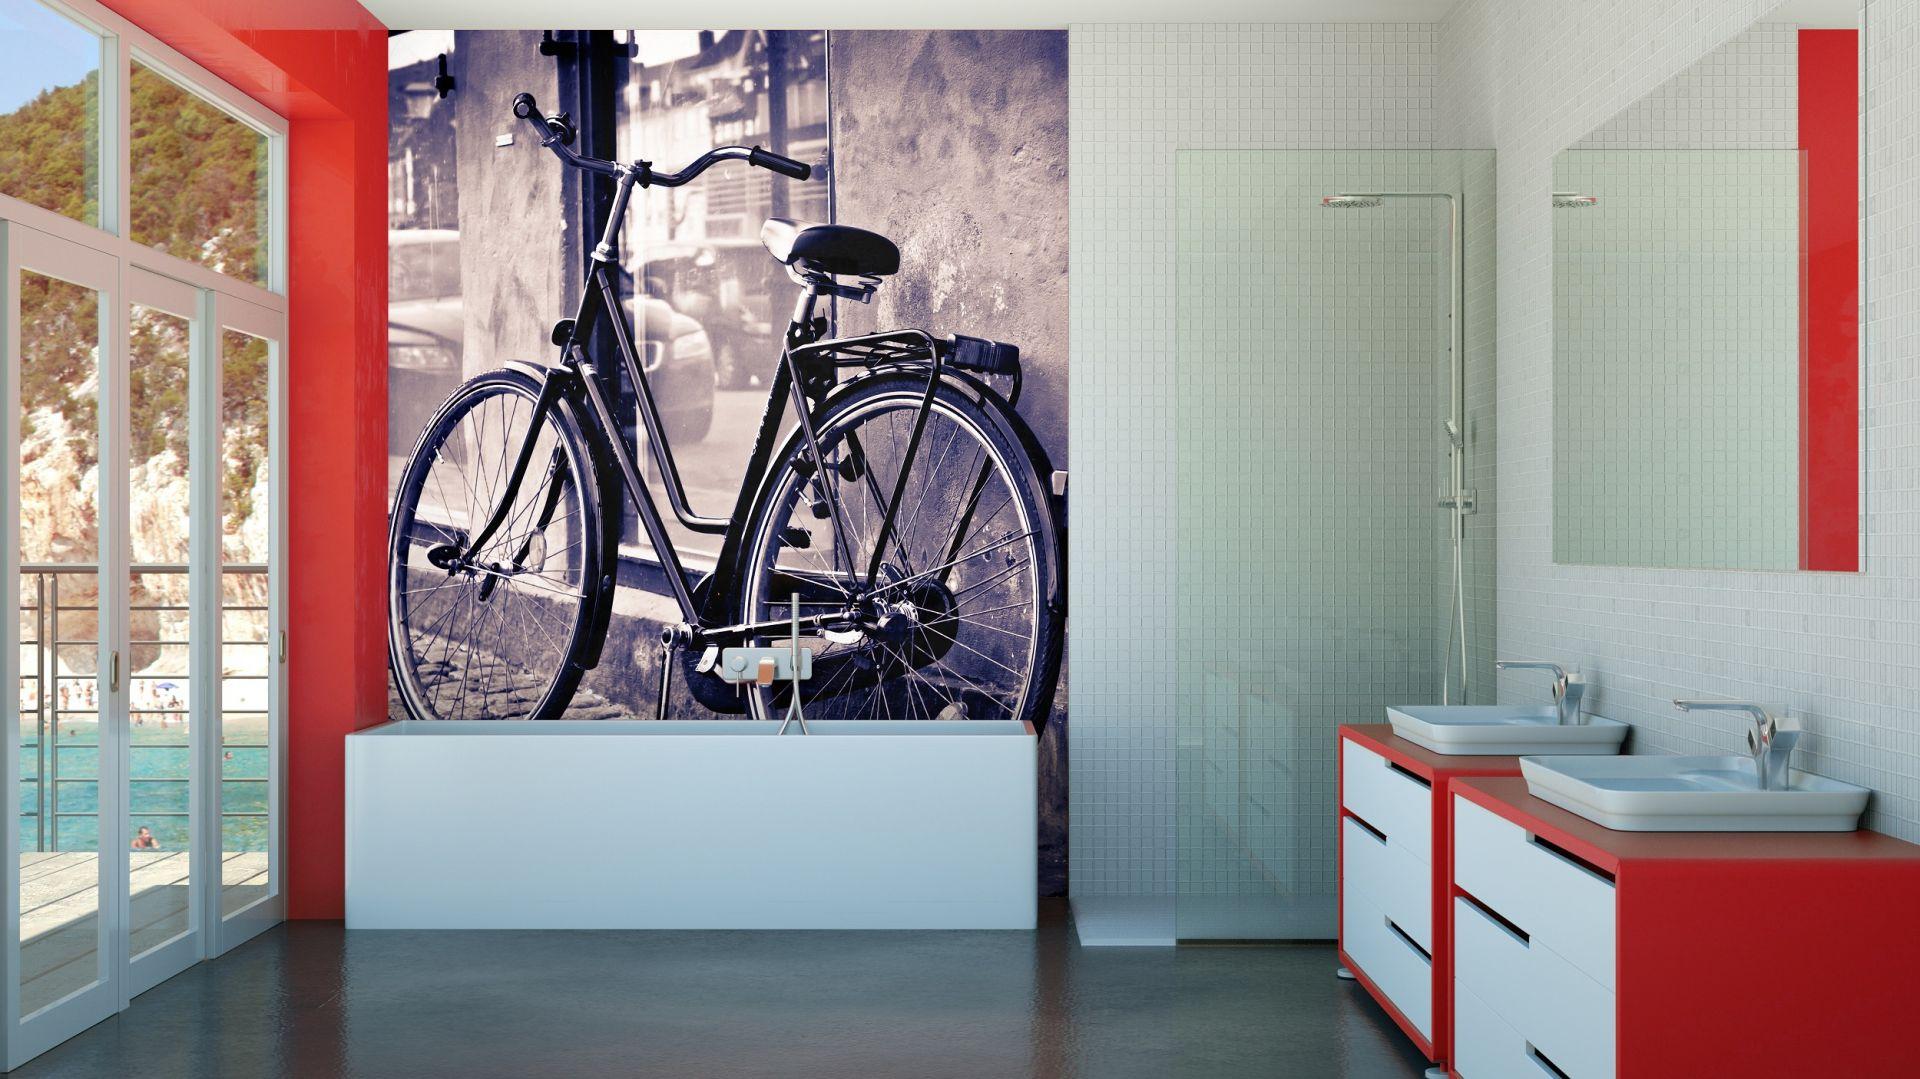 Fototapeta jest jednym z najmodniejszych wykończeń ścian w łazience. Na laminat czy szkło można nanieść zdjęcie zrobione własnoręcznie lub wybrane z banku fotografii. Na zdjęciu: fototapeta z katalogu sklepu Decomania. Fot. Decomania.